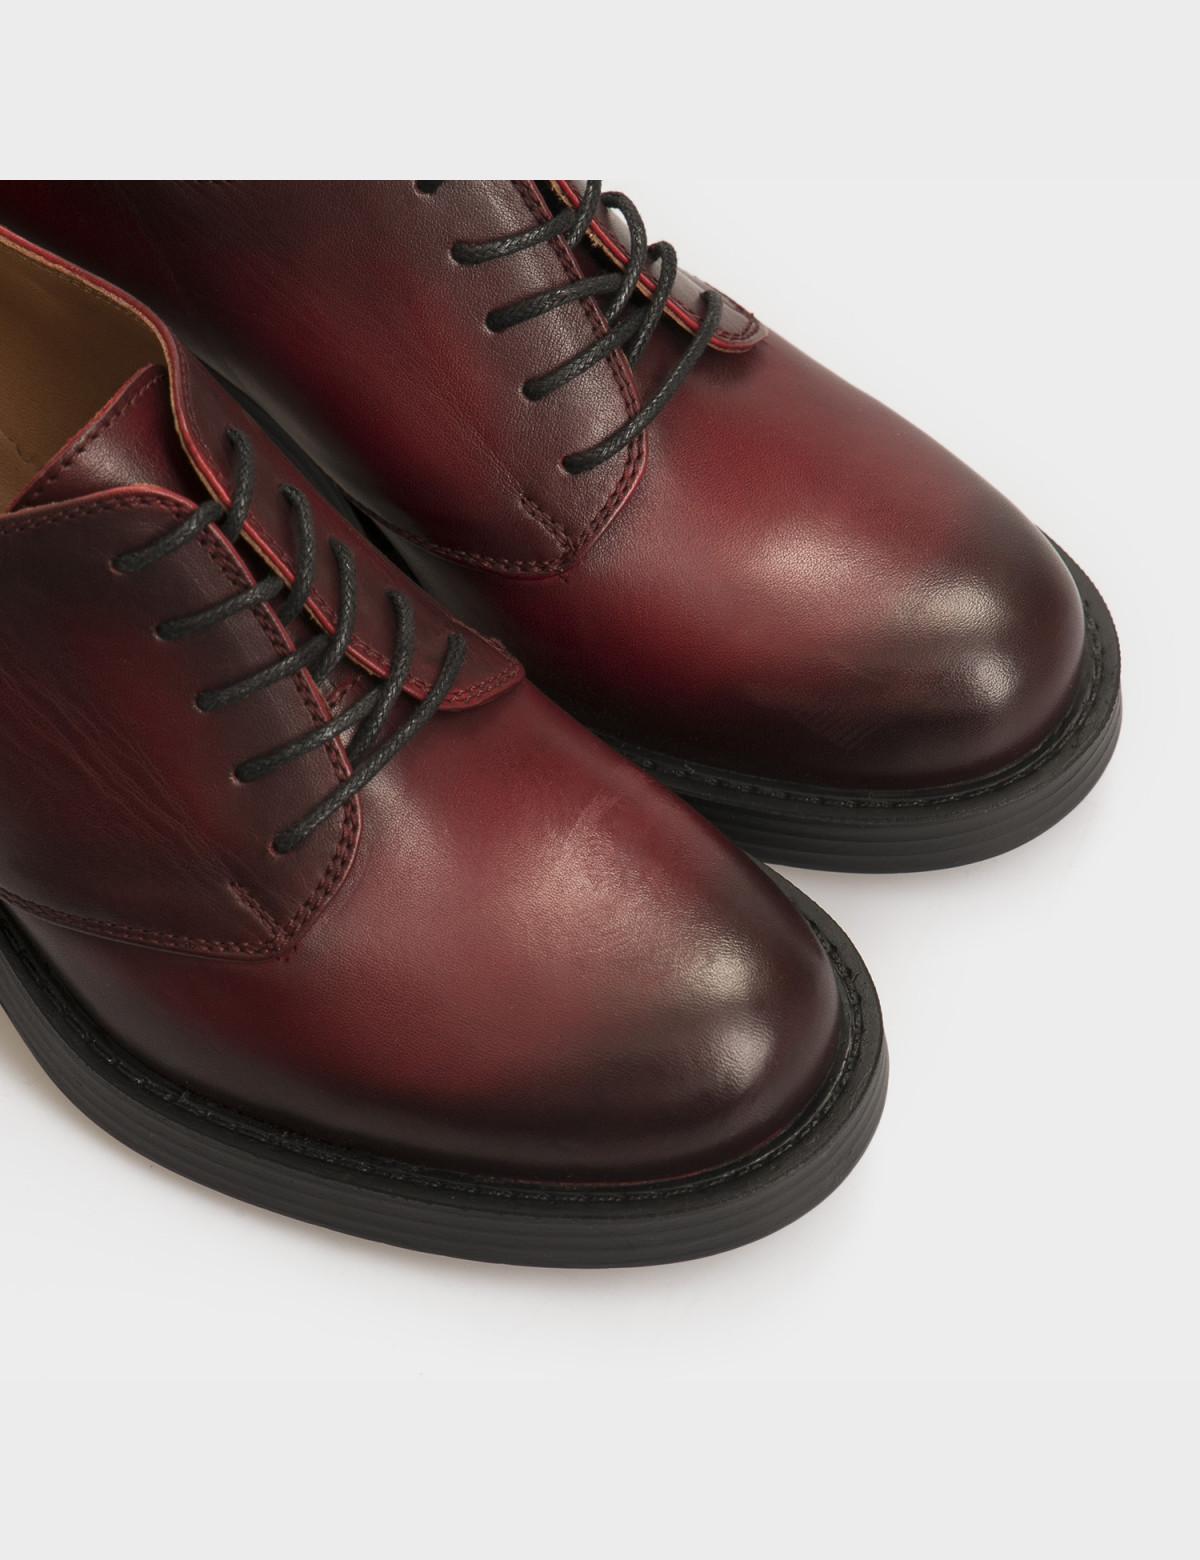 Туфли бордовые, натуральная кожа 4